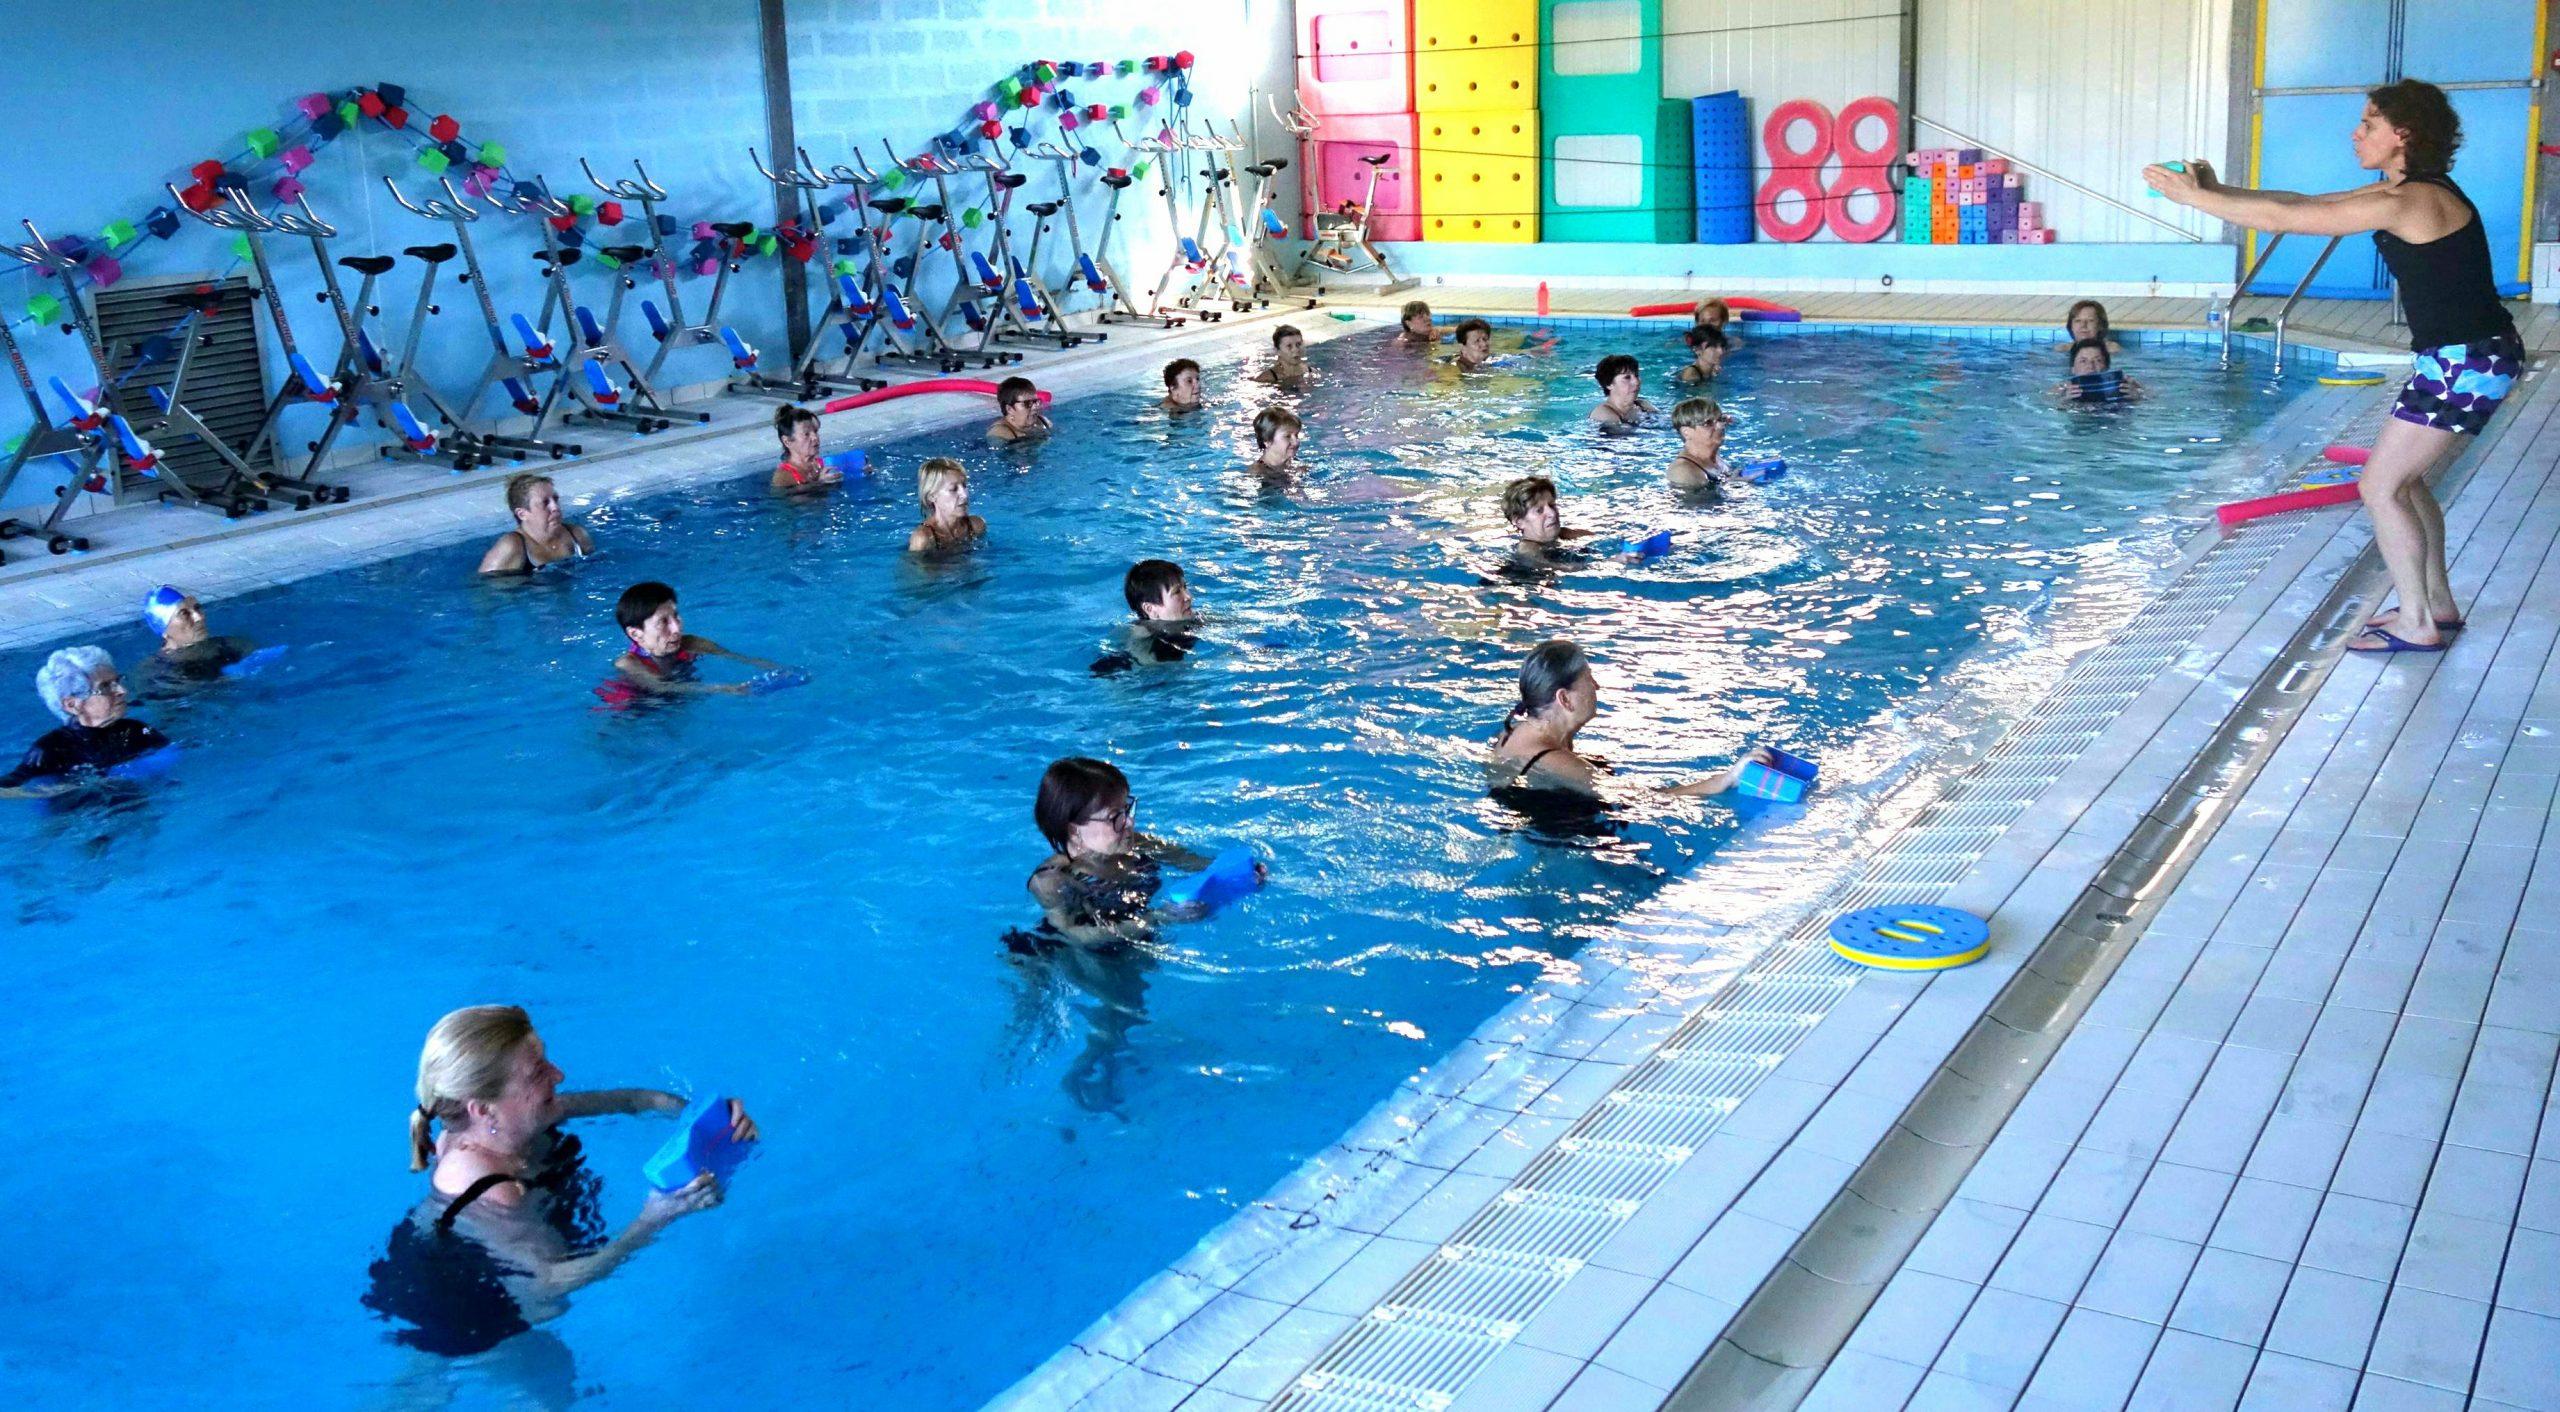 L'espace Aquatique Et La Piscine Du Carcassonne Olympique dedans Dimension Piscine Olympique